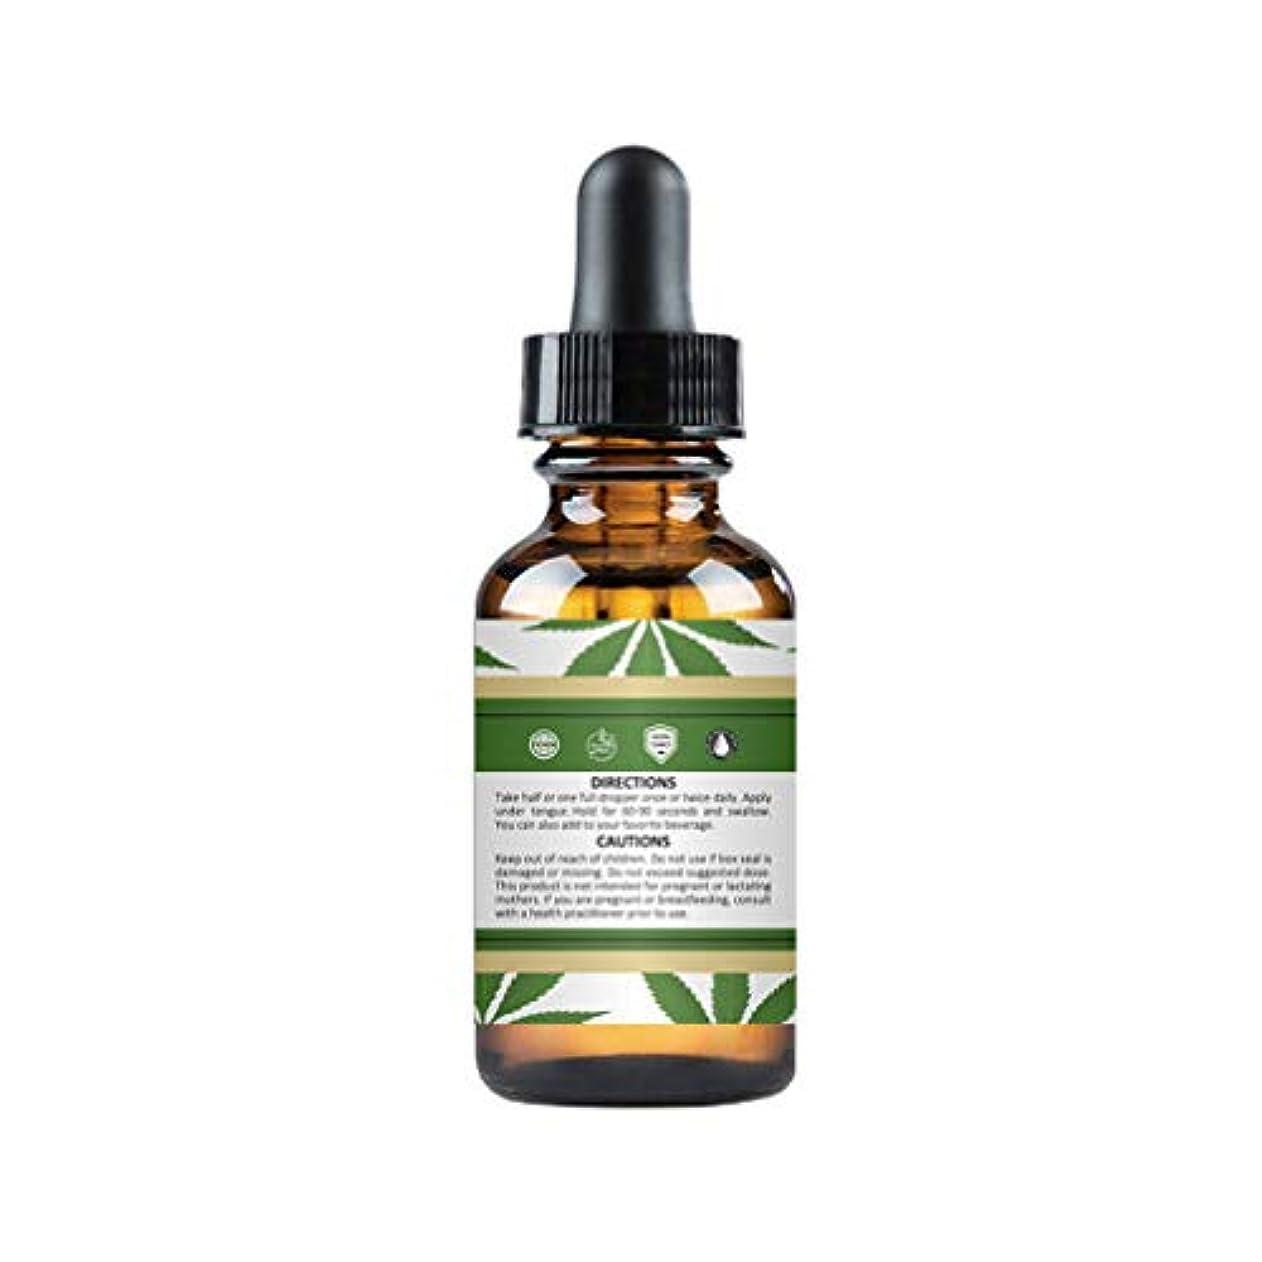 数反対権利を与える鎮痛のための有機麻オイル睡眠補助抗ストレス不安1000mg天然麻エキスが肌と髪に役立ちます (1000mg)